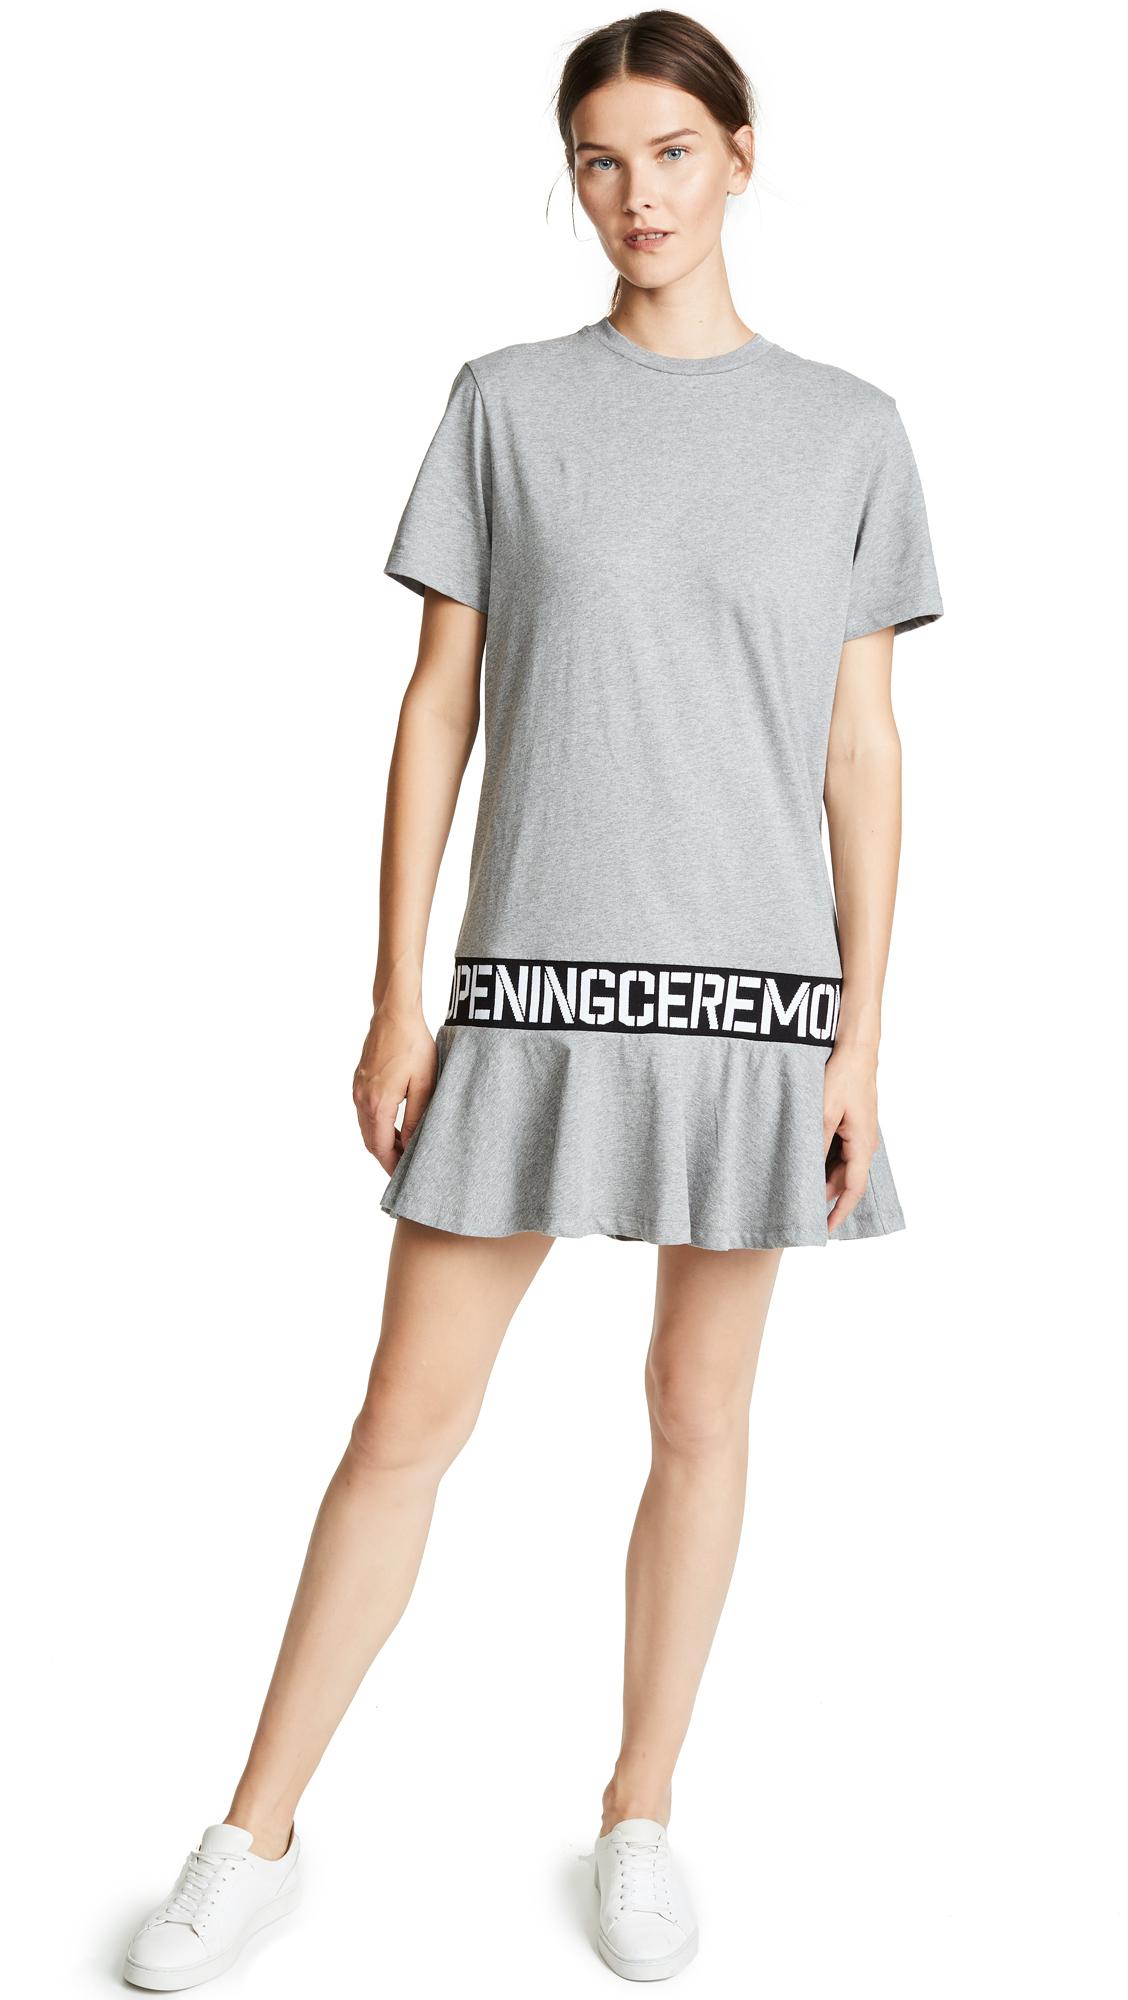 Oc Elastic Logo Crewneck Short-Sleeve Cotton T-Shirt Dress, Heather Grey